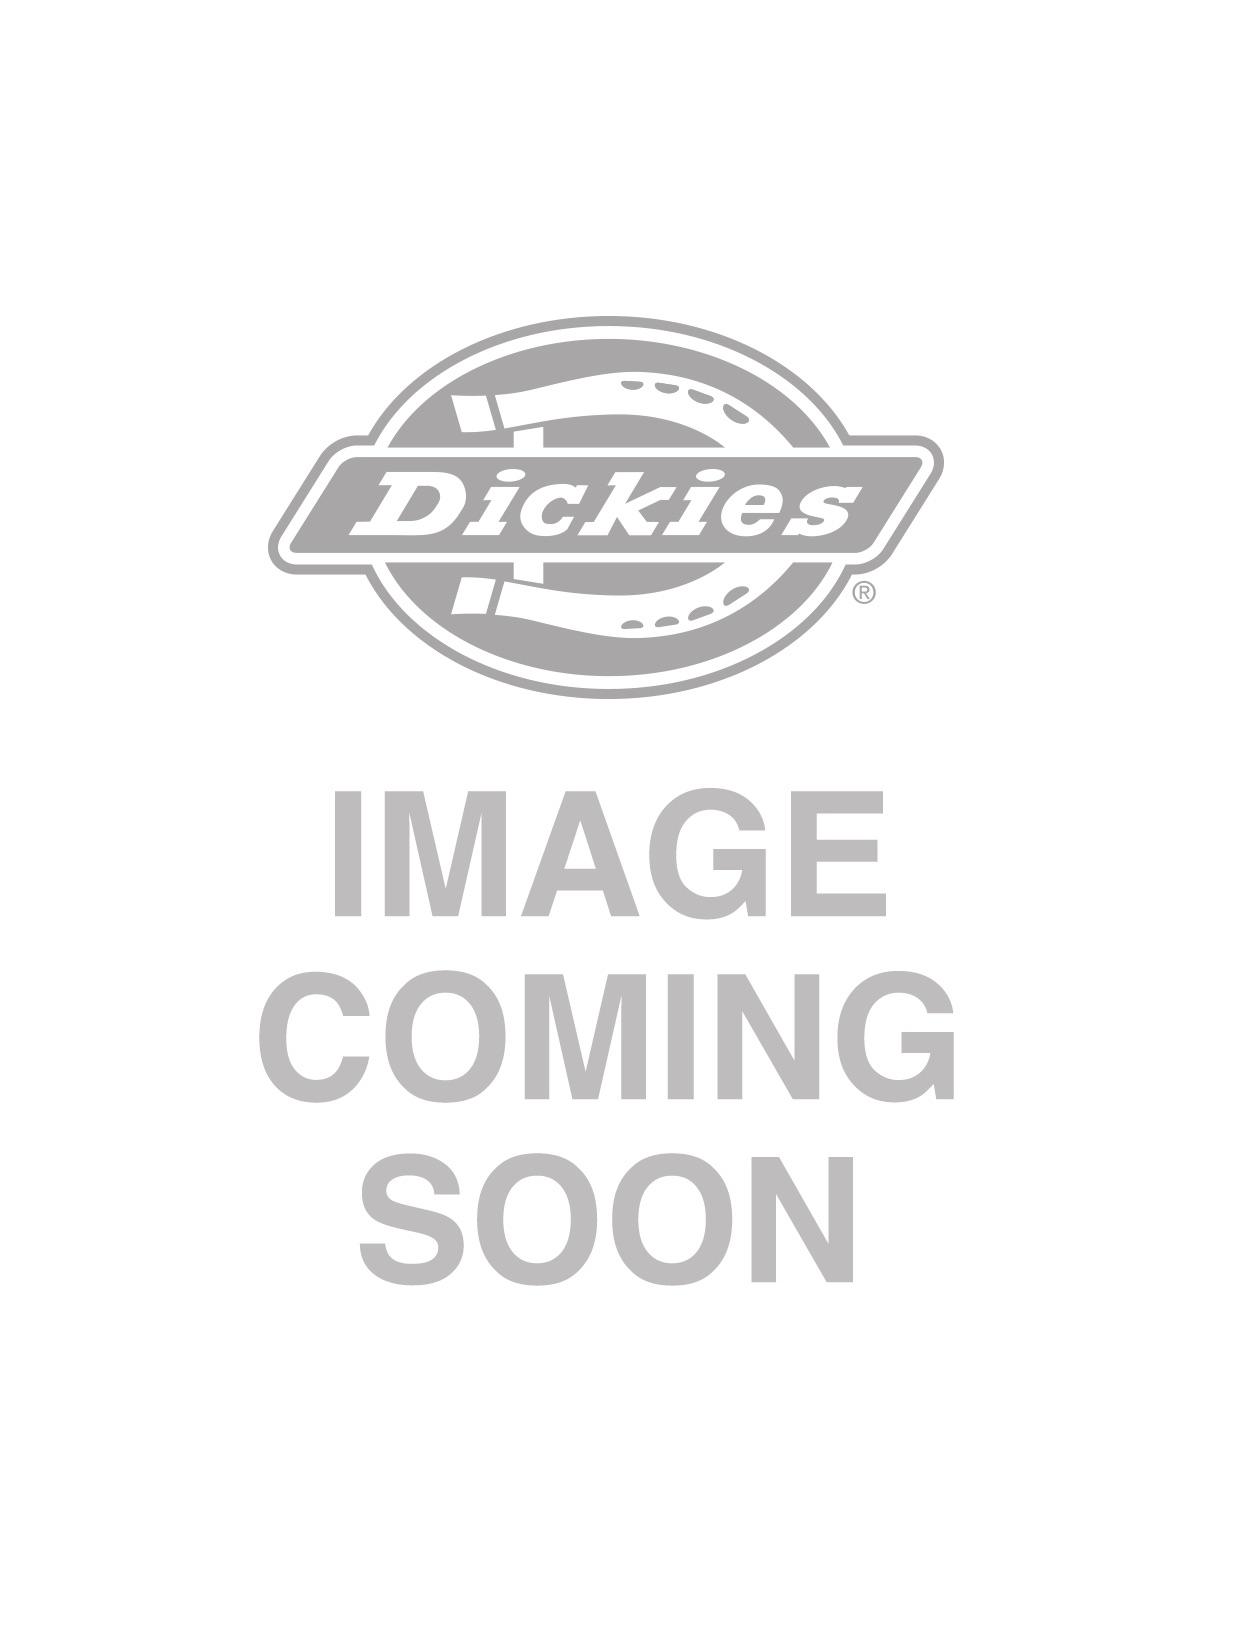 Dickies Upperglade Jacket